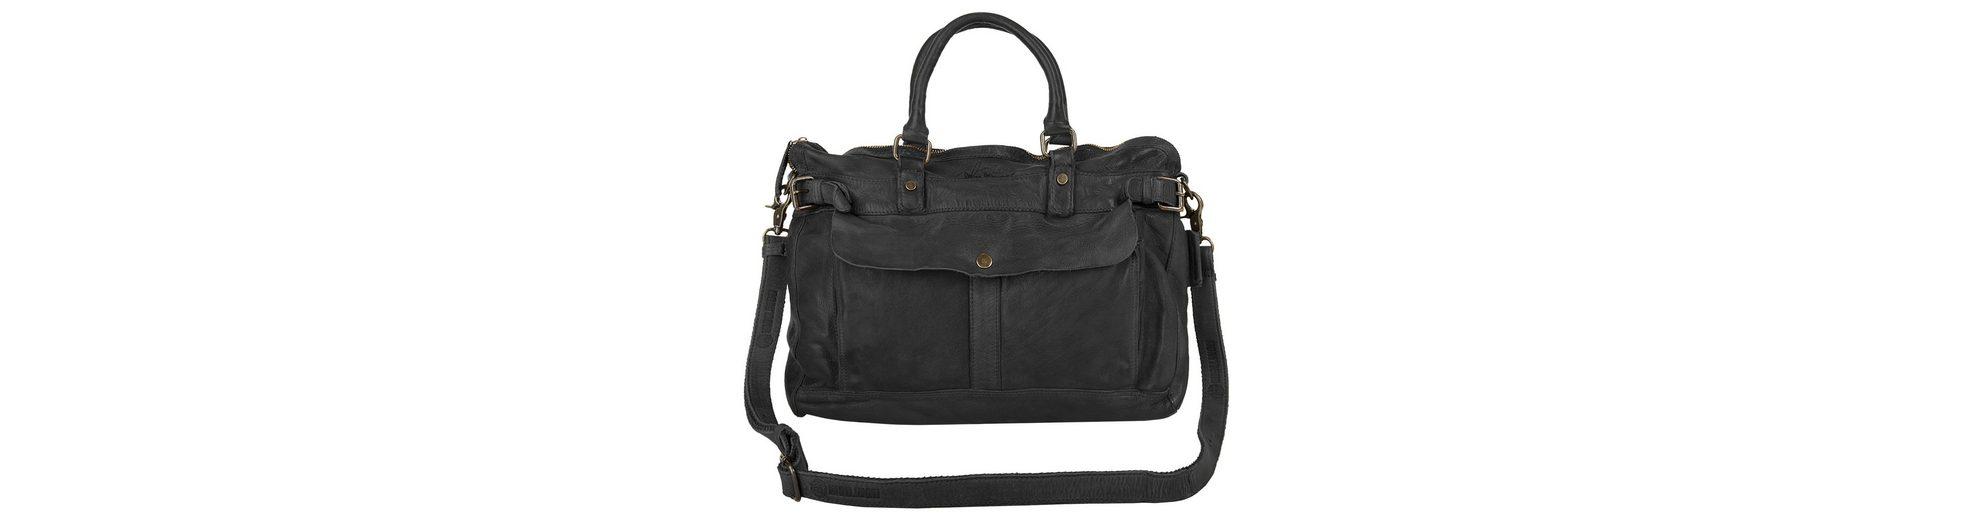 WouWou Leder Damen Handtasche Perfekt Günstig Online Online Wie Vielen Verkauf Billig Store n514Db7